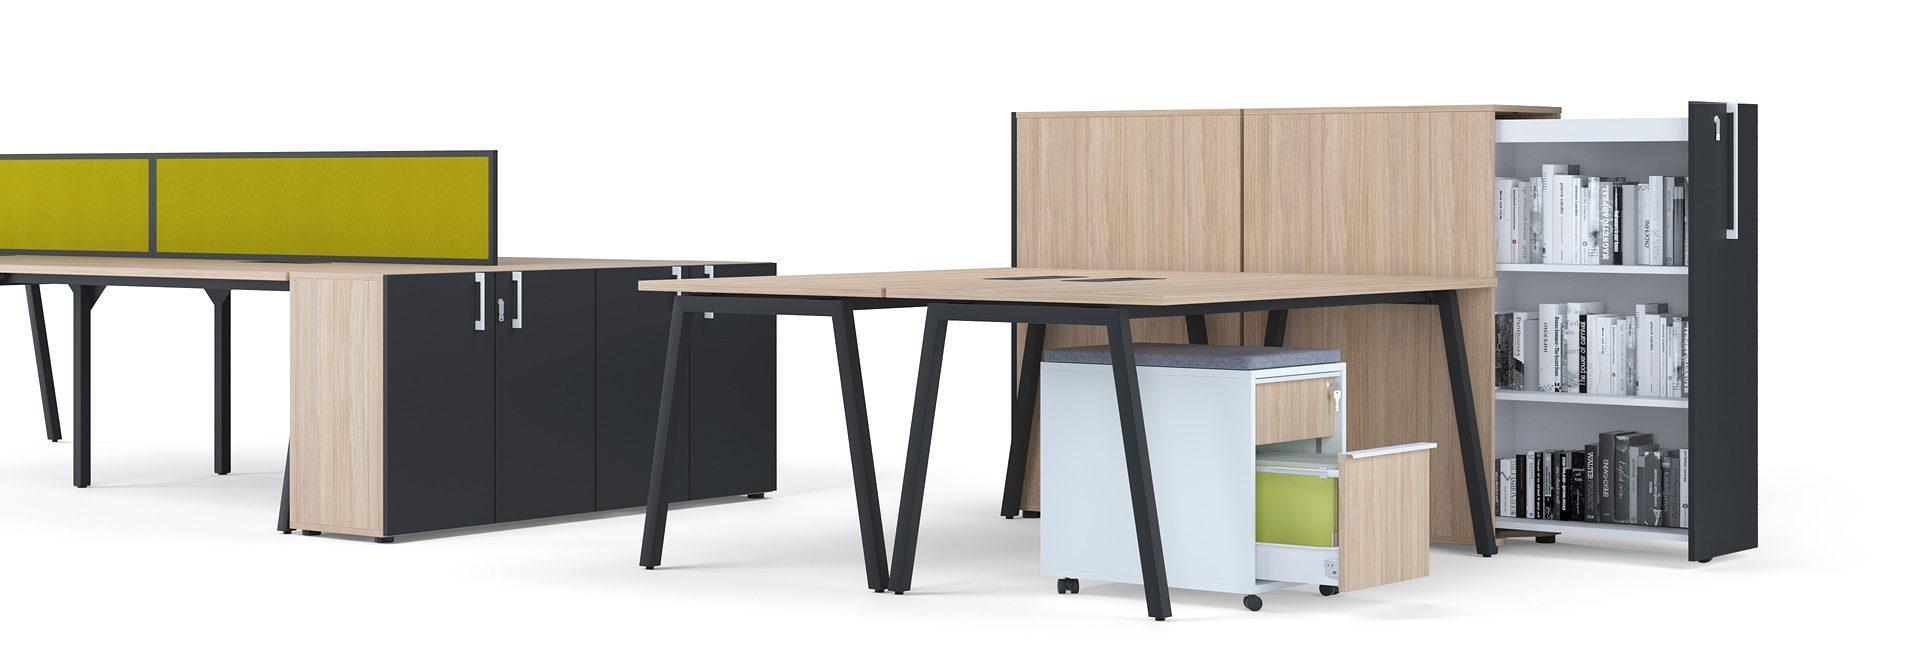 rindu galdu sērija ar a formas kājām